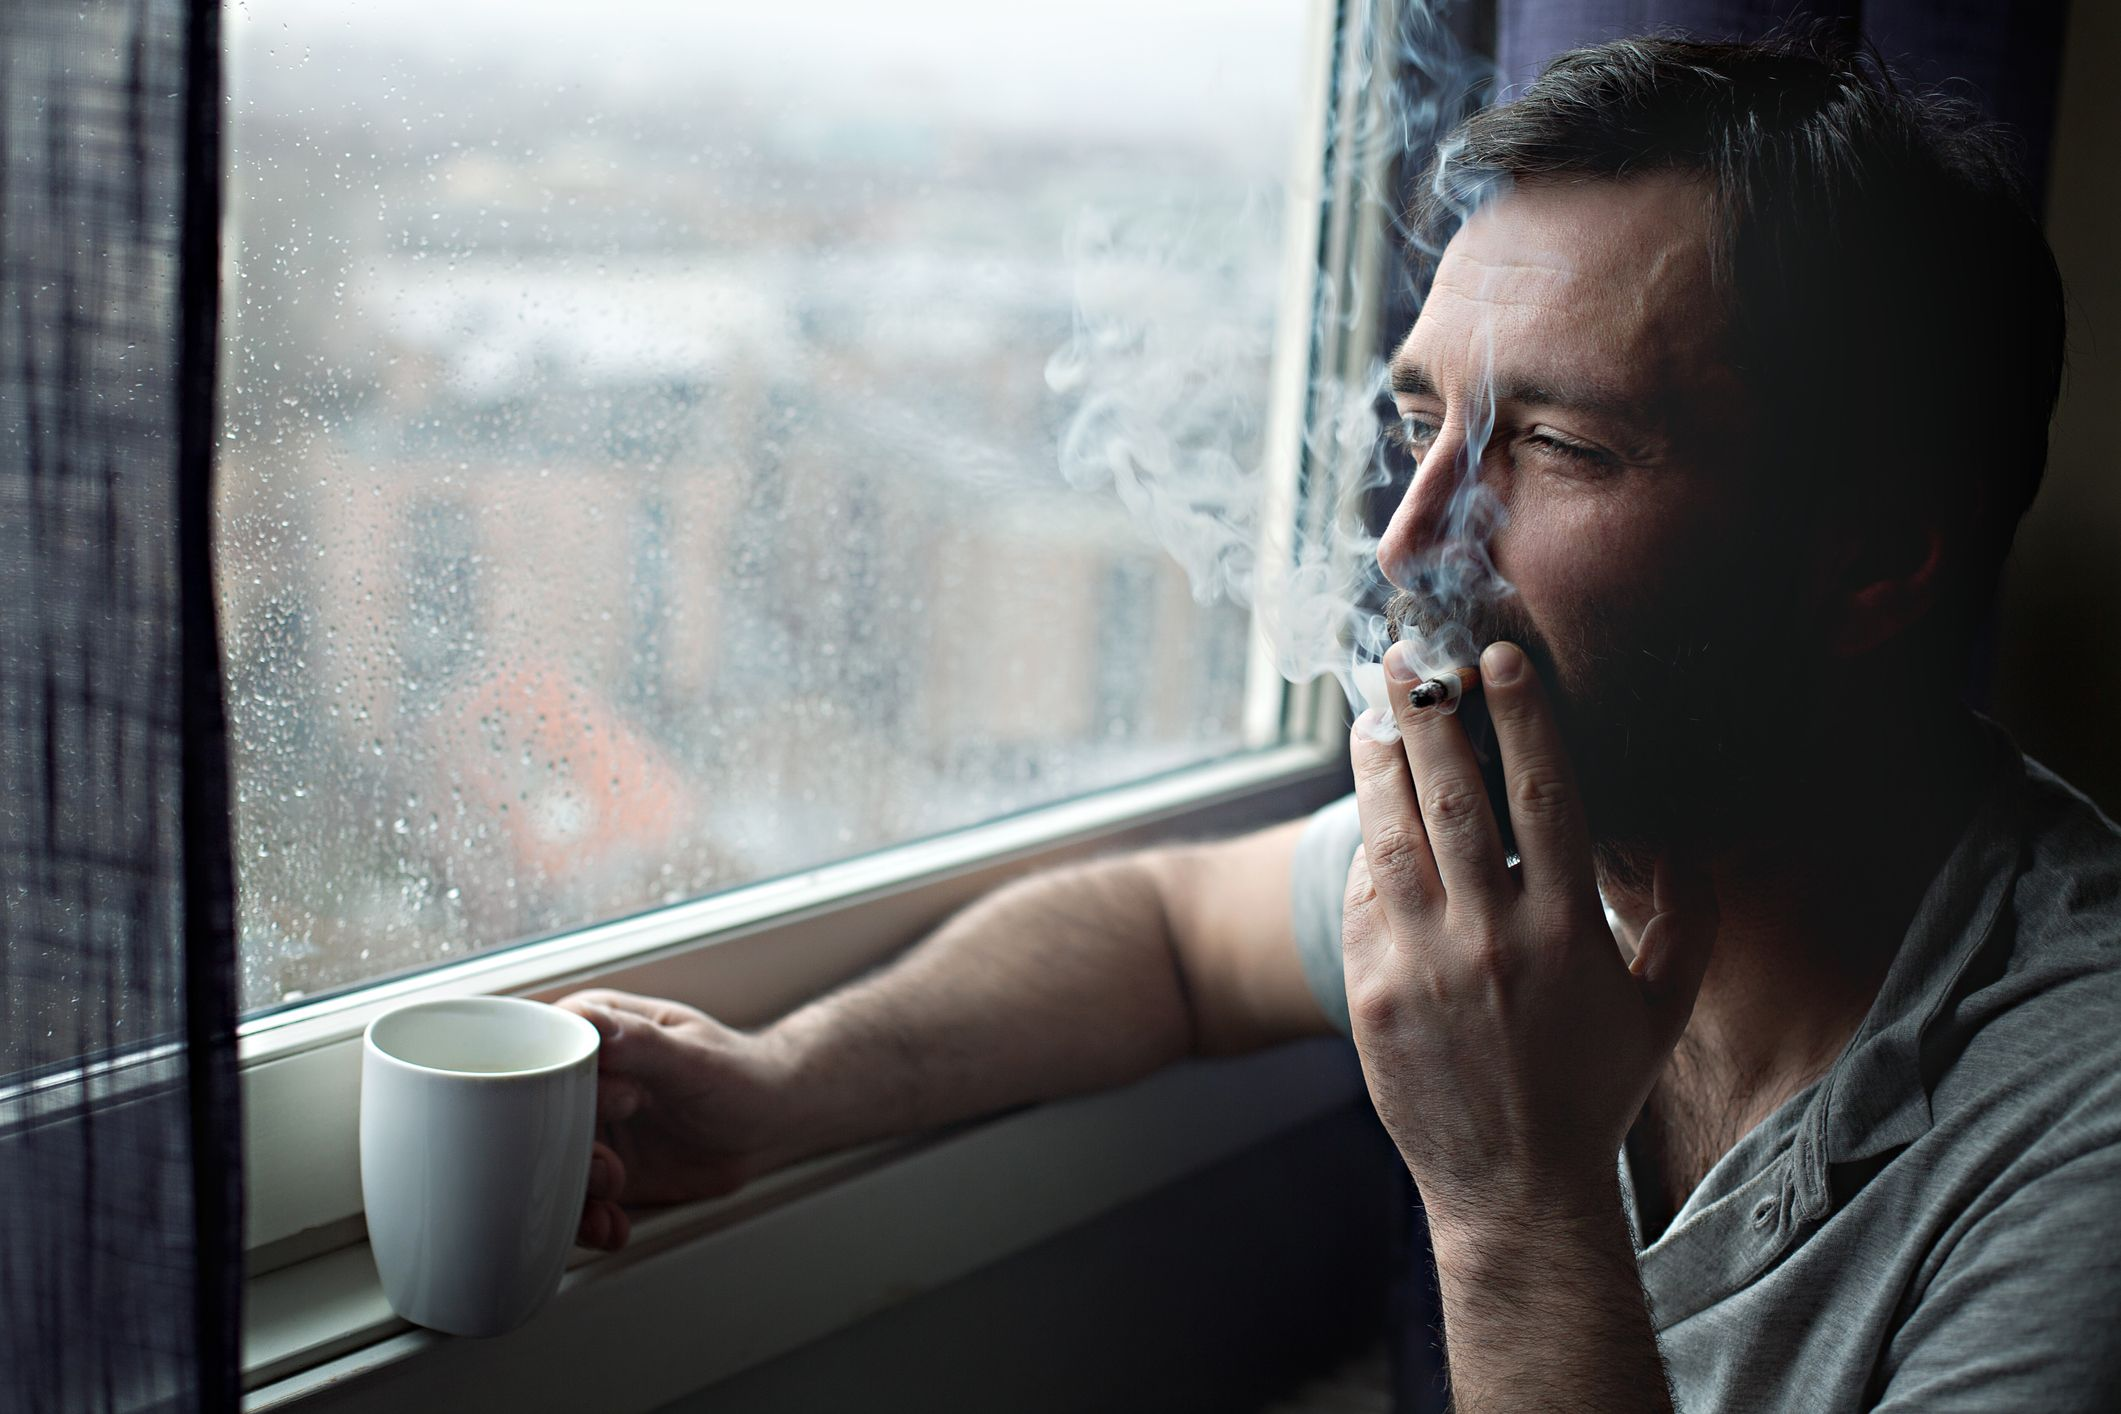 Végre nem dohányzom by netty net - Issuu Kilépni a lányból, ha dohányzik